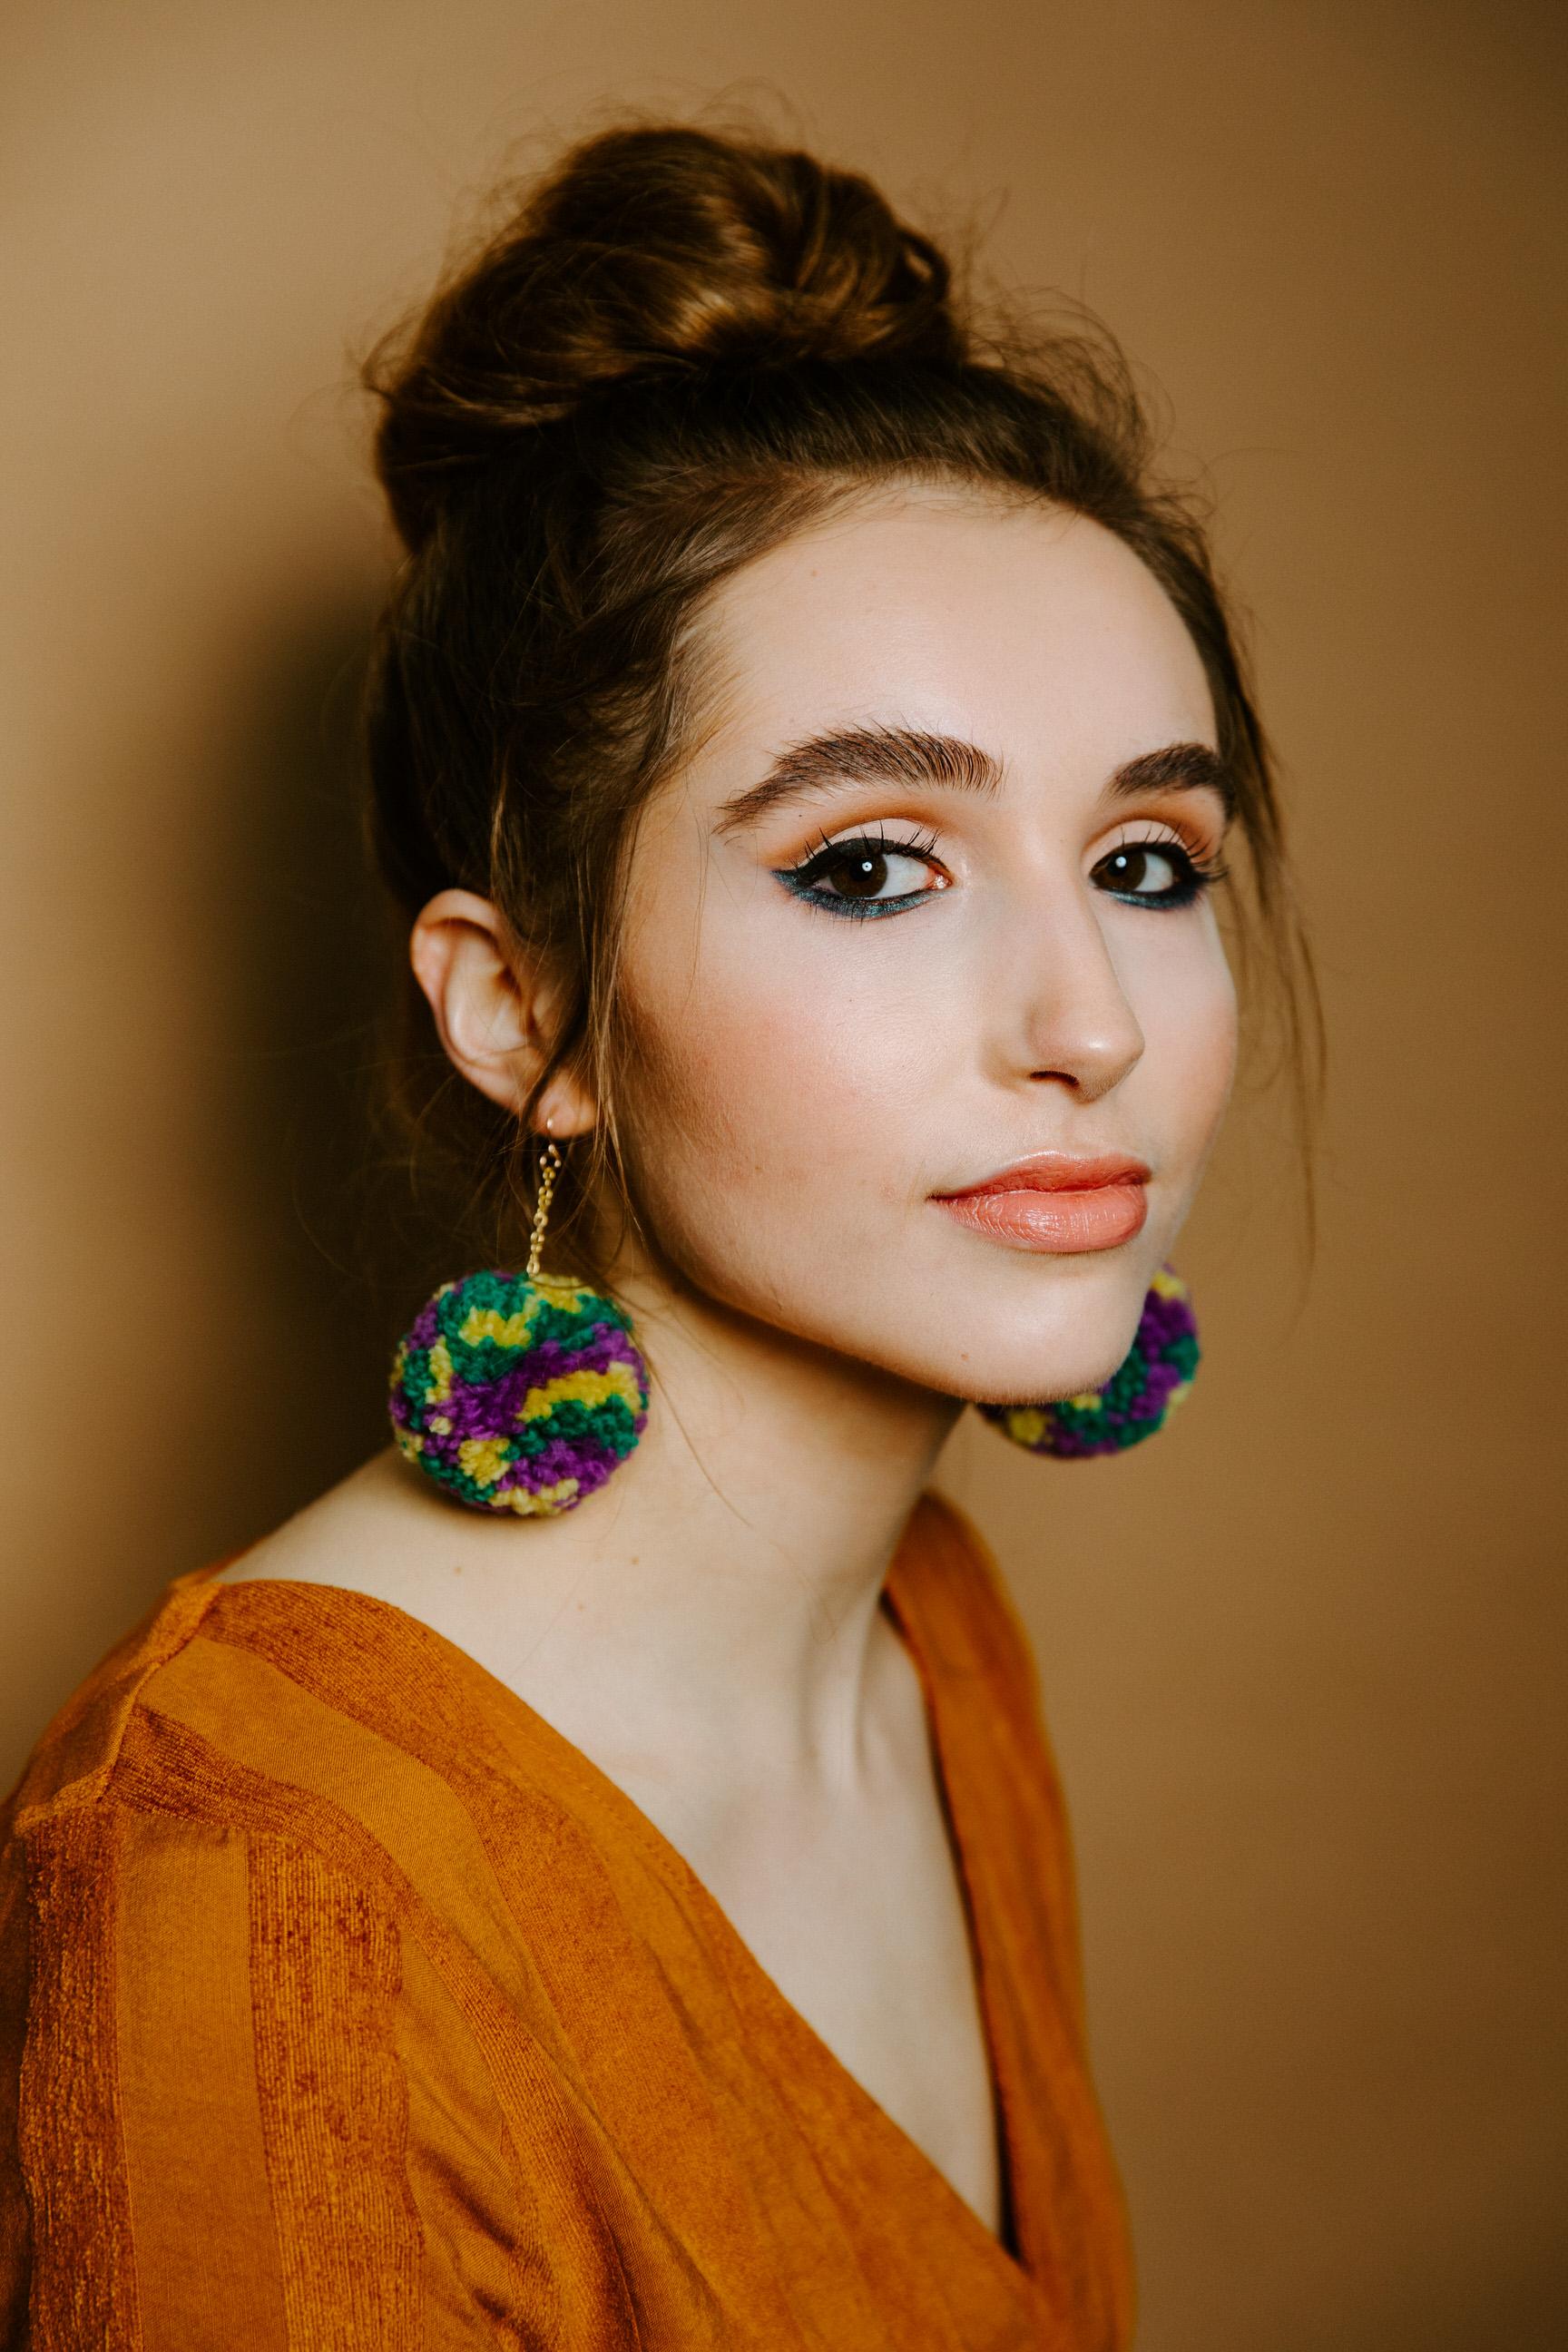 rebekah-earrings-8457.jpg